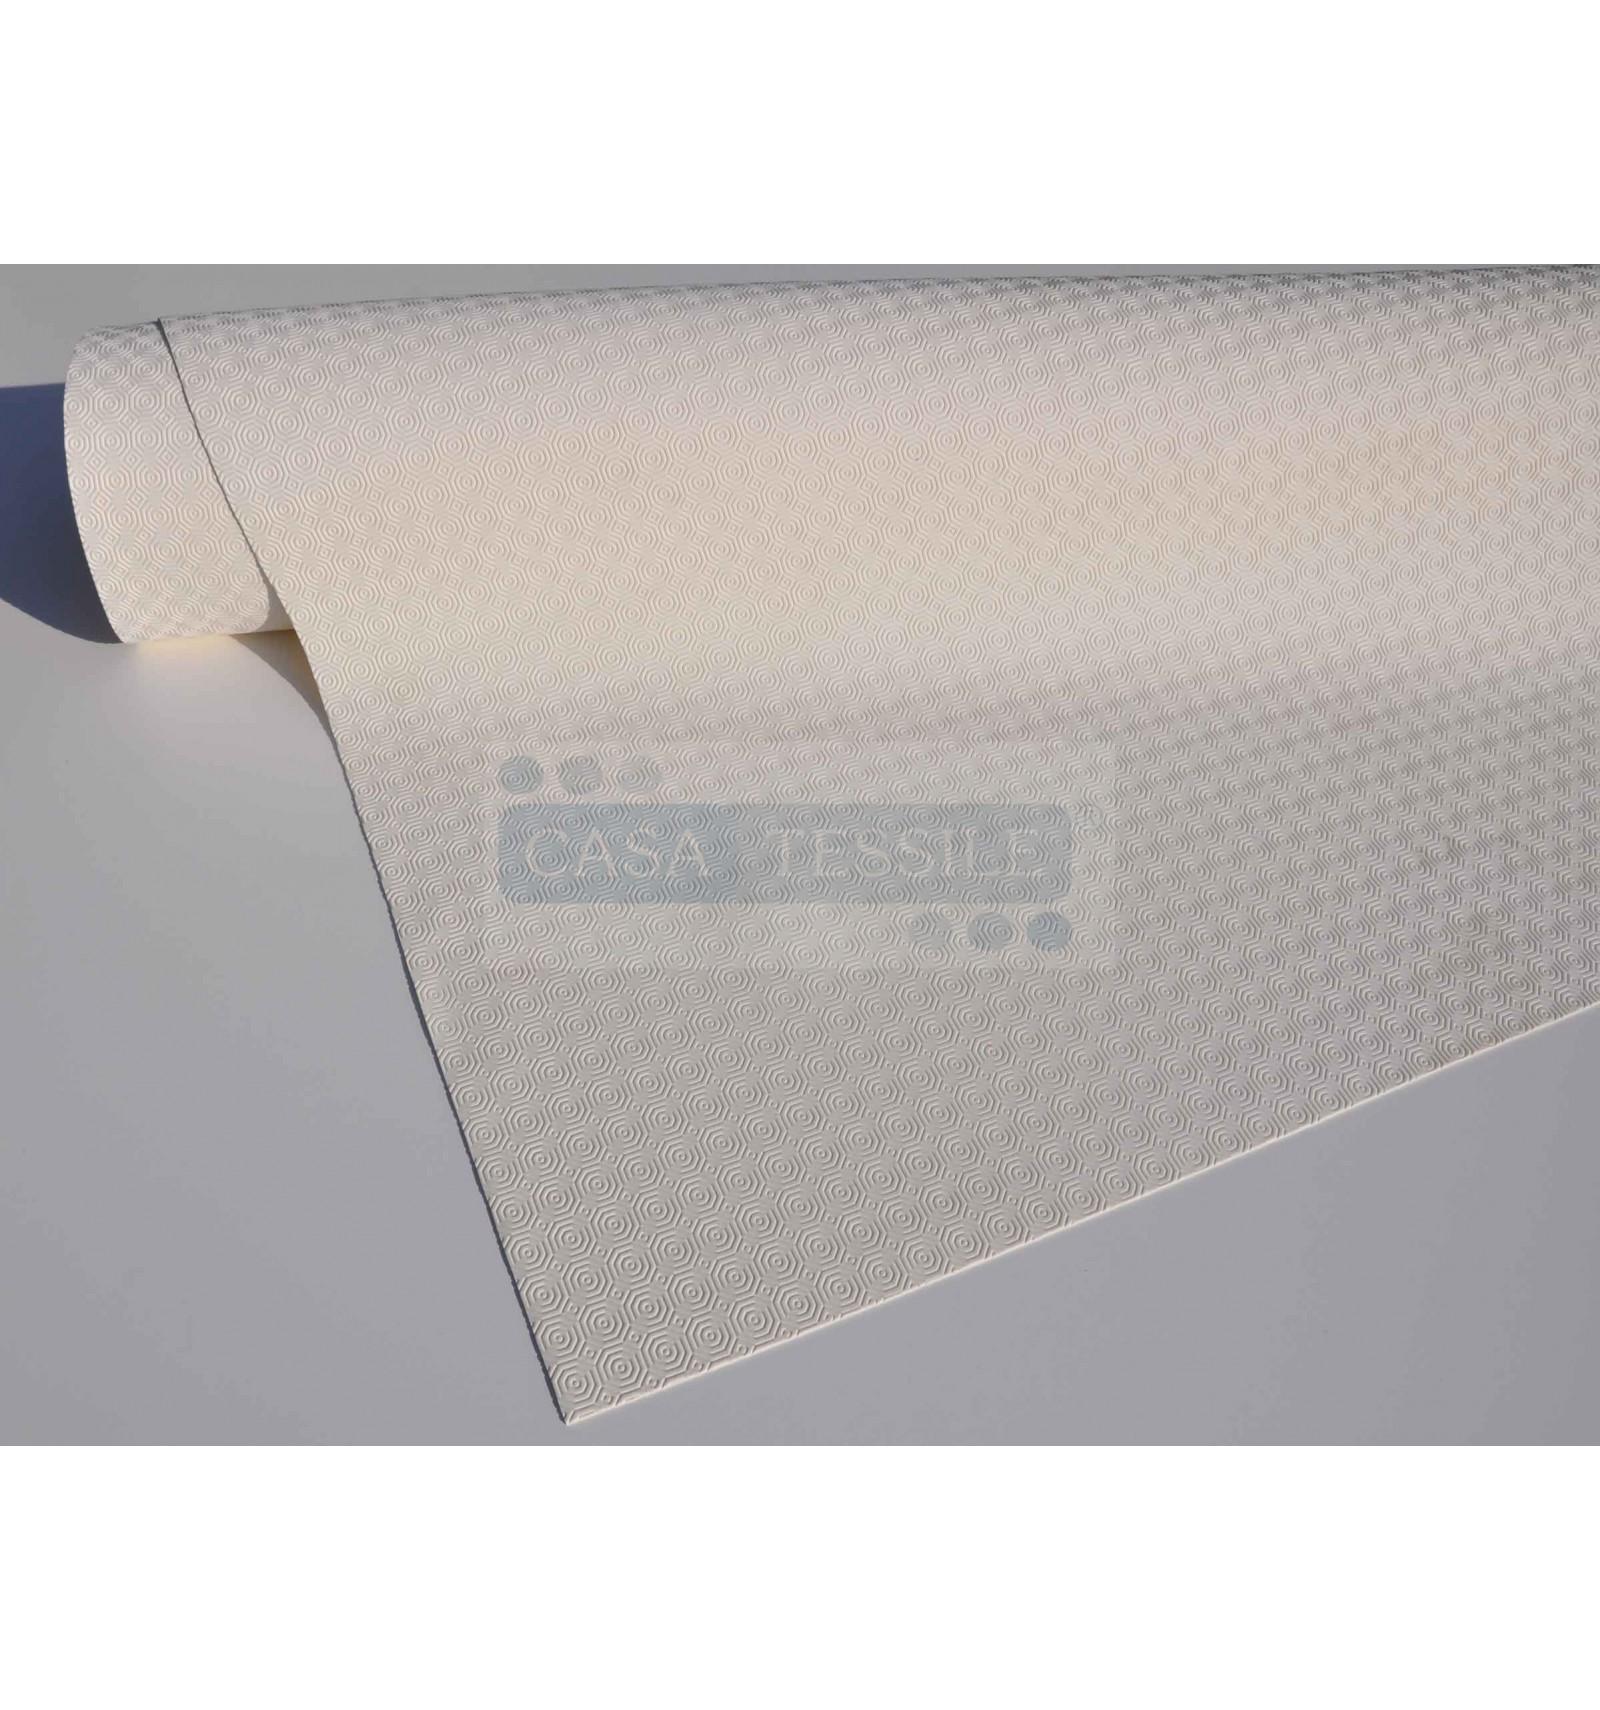 Proteggi tavolo mollettone in morbido pvc casa tessile - Mollettone per stirare sul tavolo ...